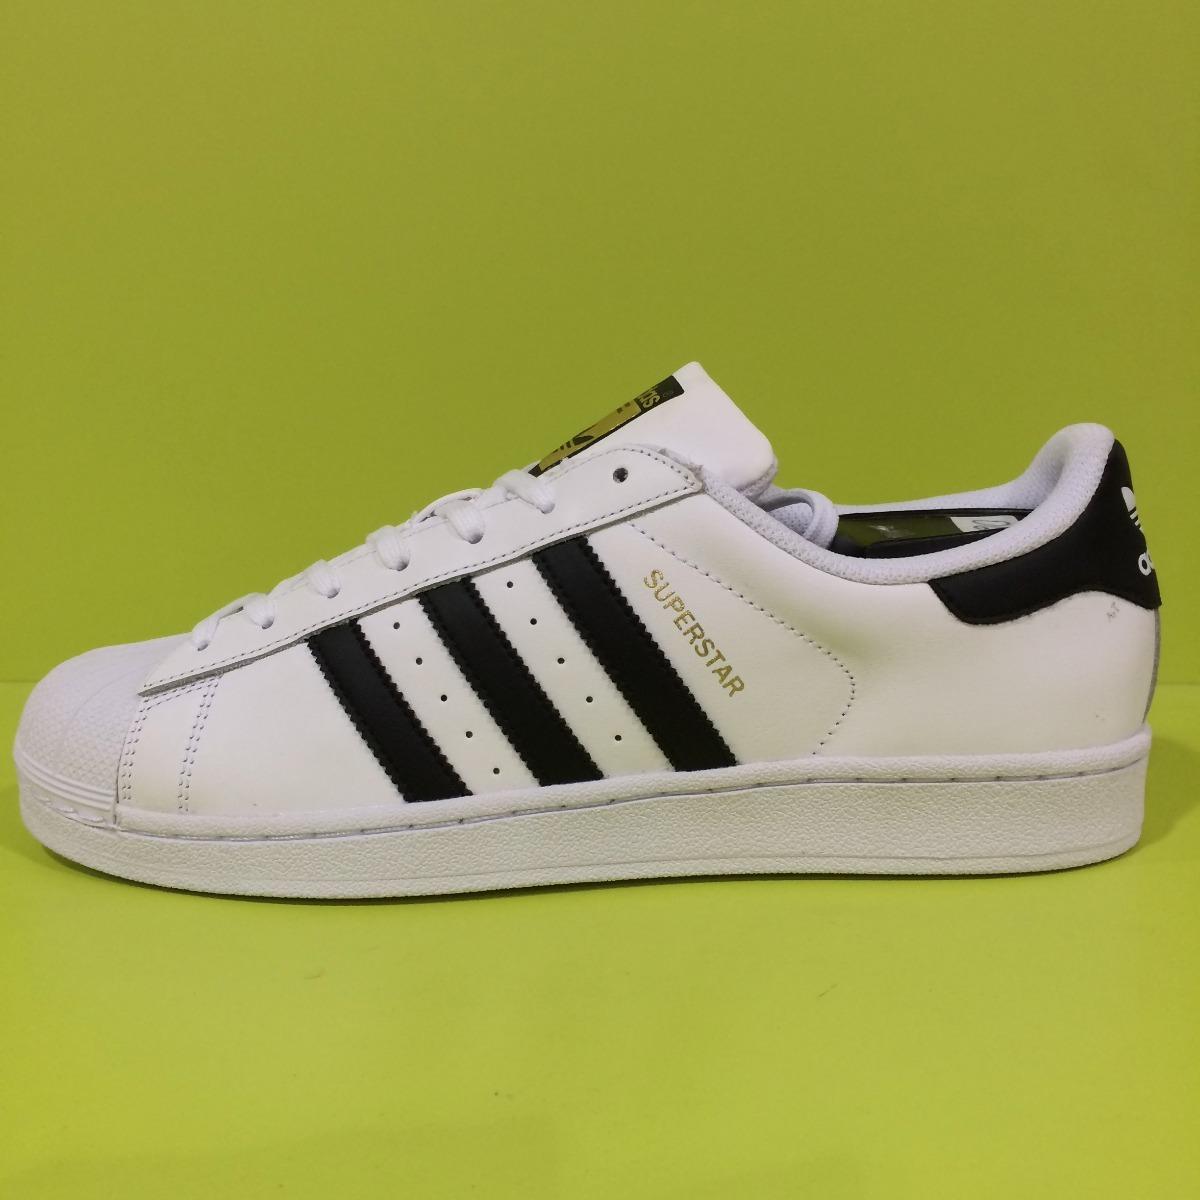 e5ff04c517bb9 Zapatos adidas Originales Superstar - Hombres - C77124 - Bs. 450.000 ...